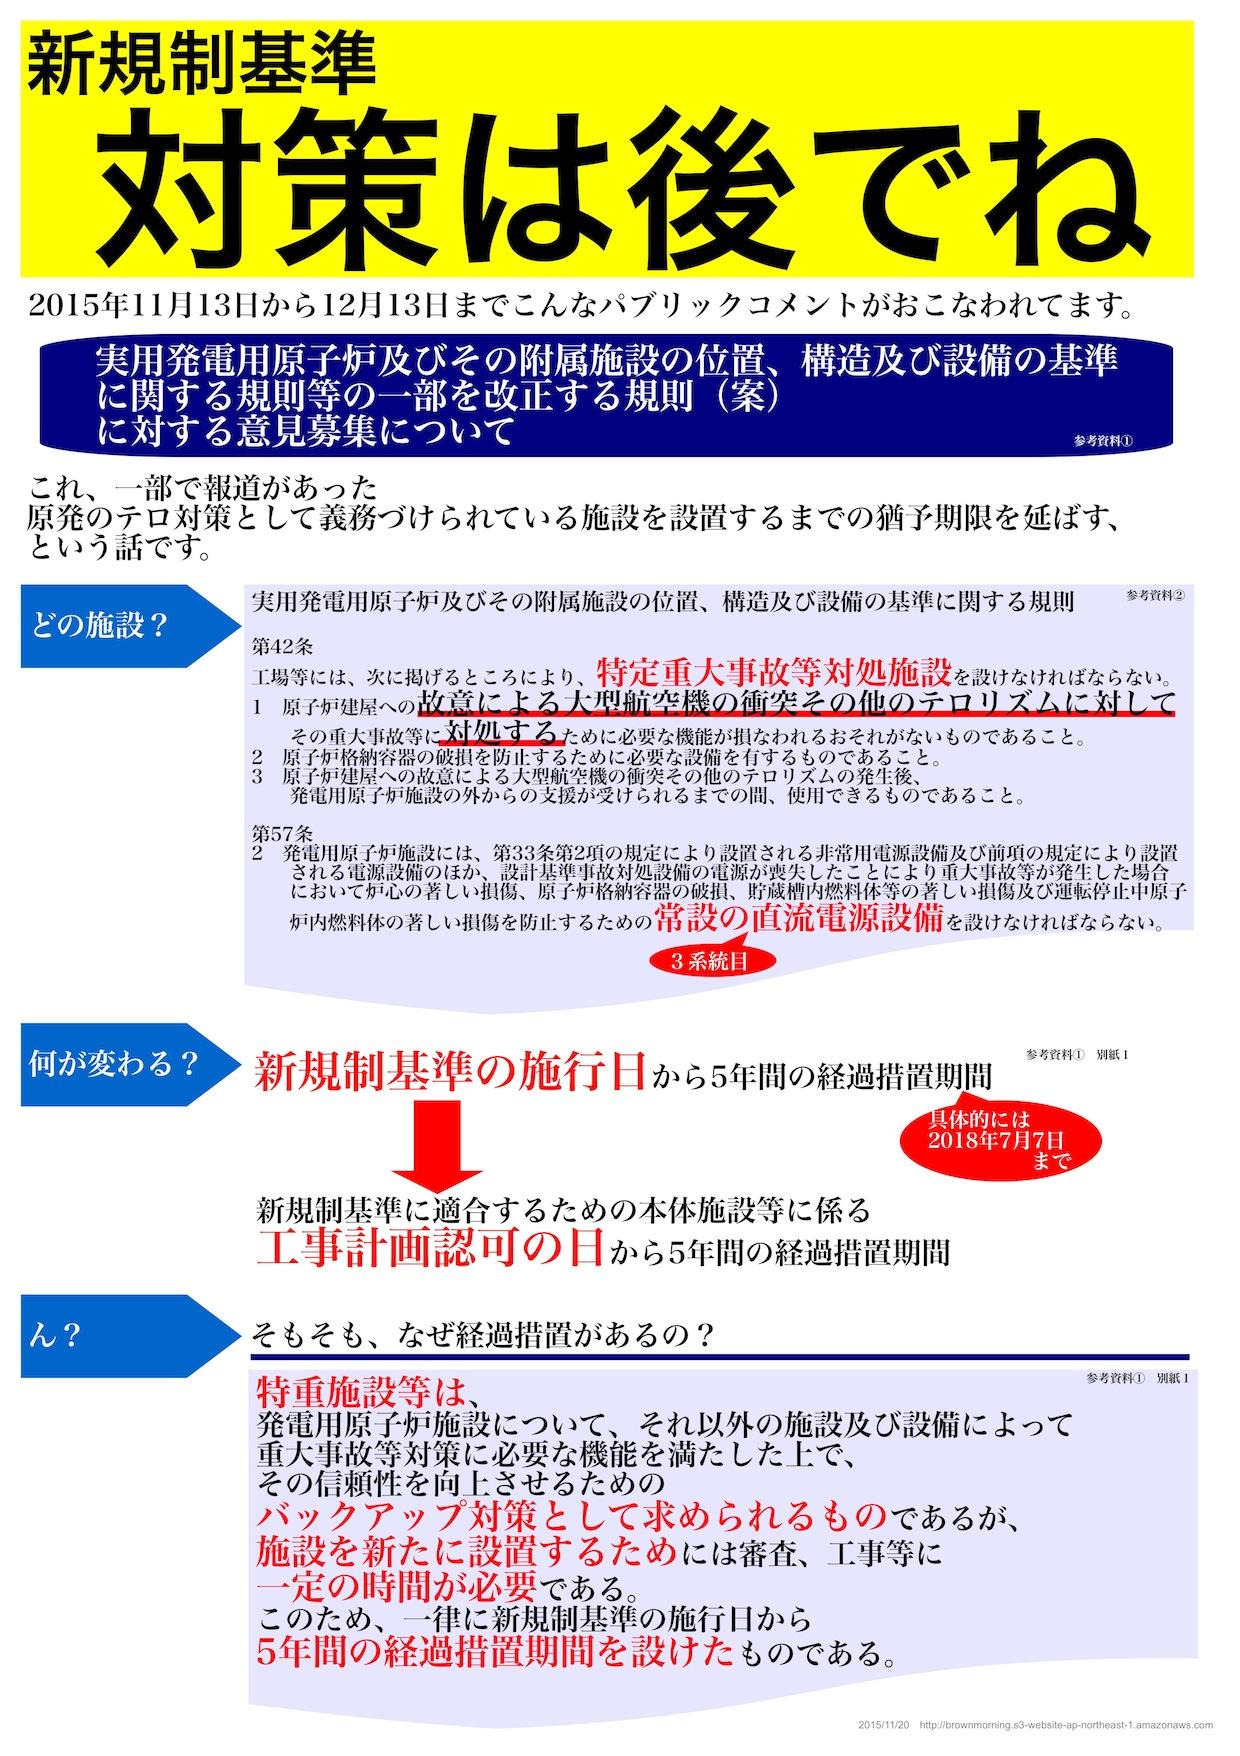 nonuke20151120_1.jpg